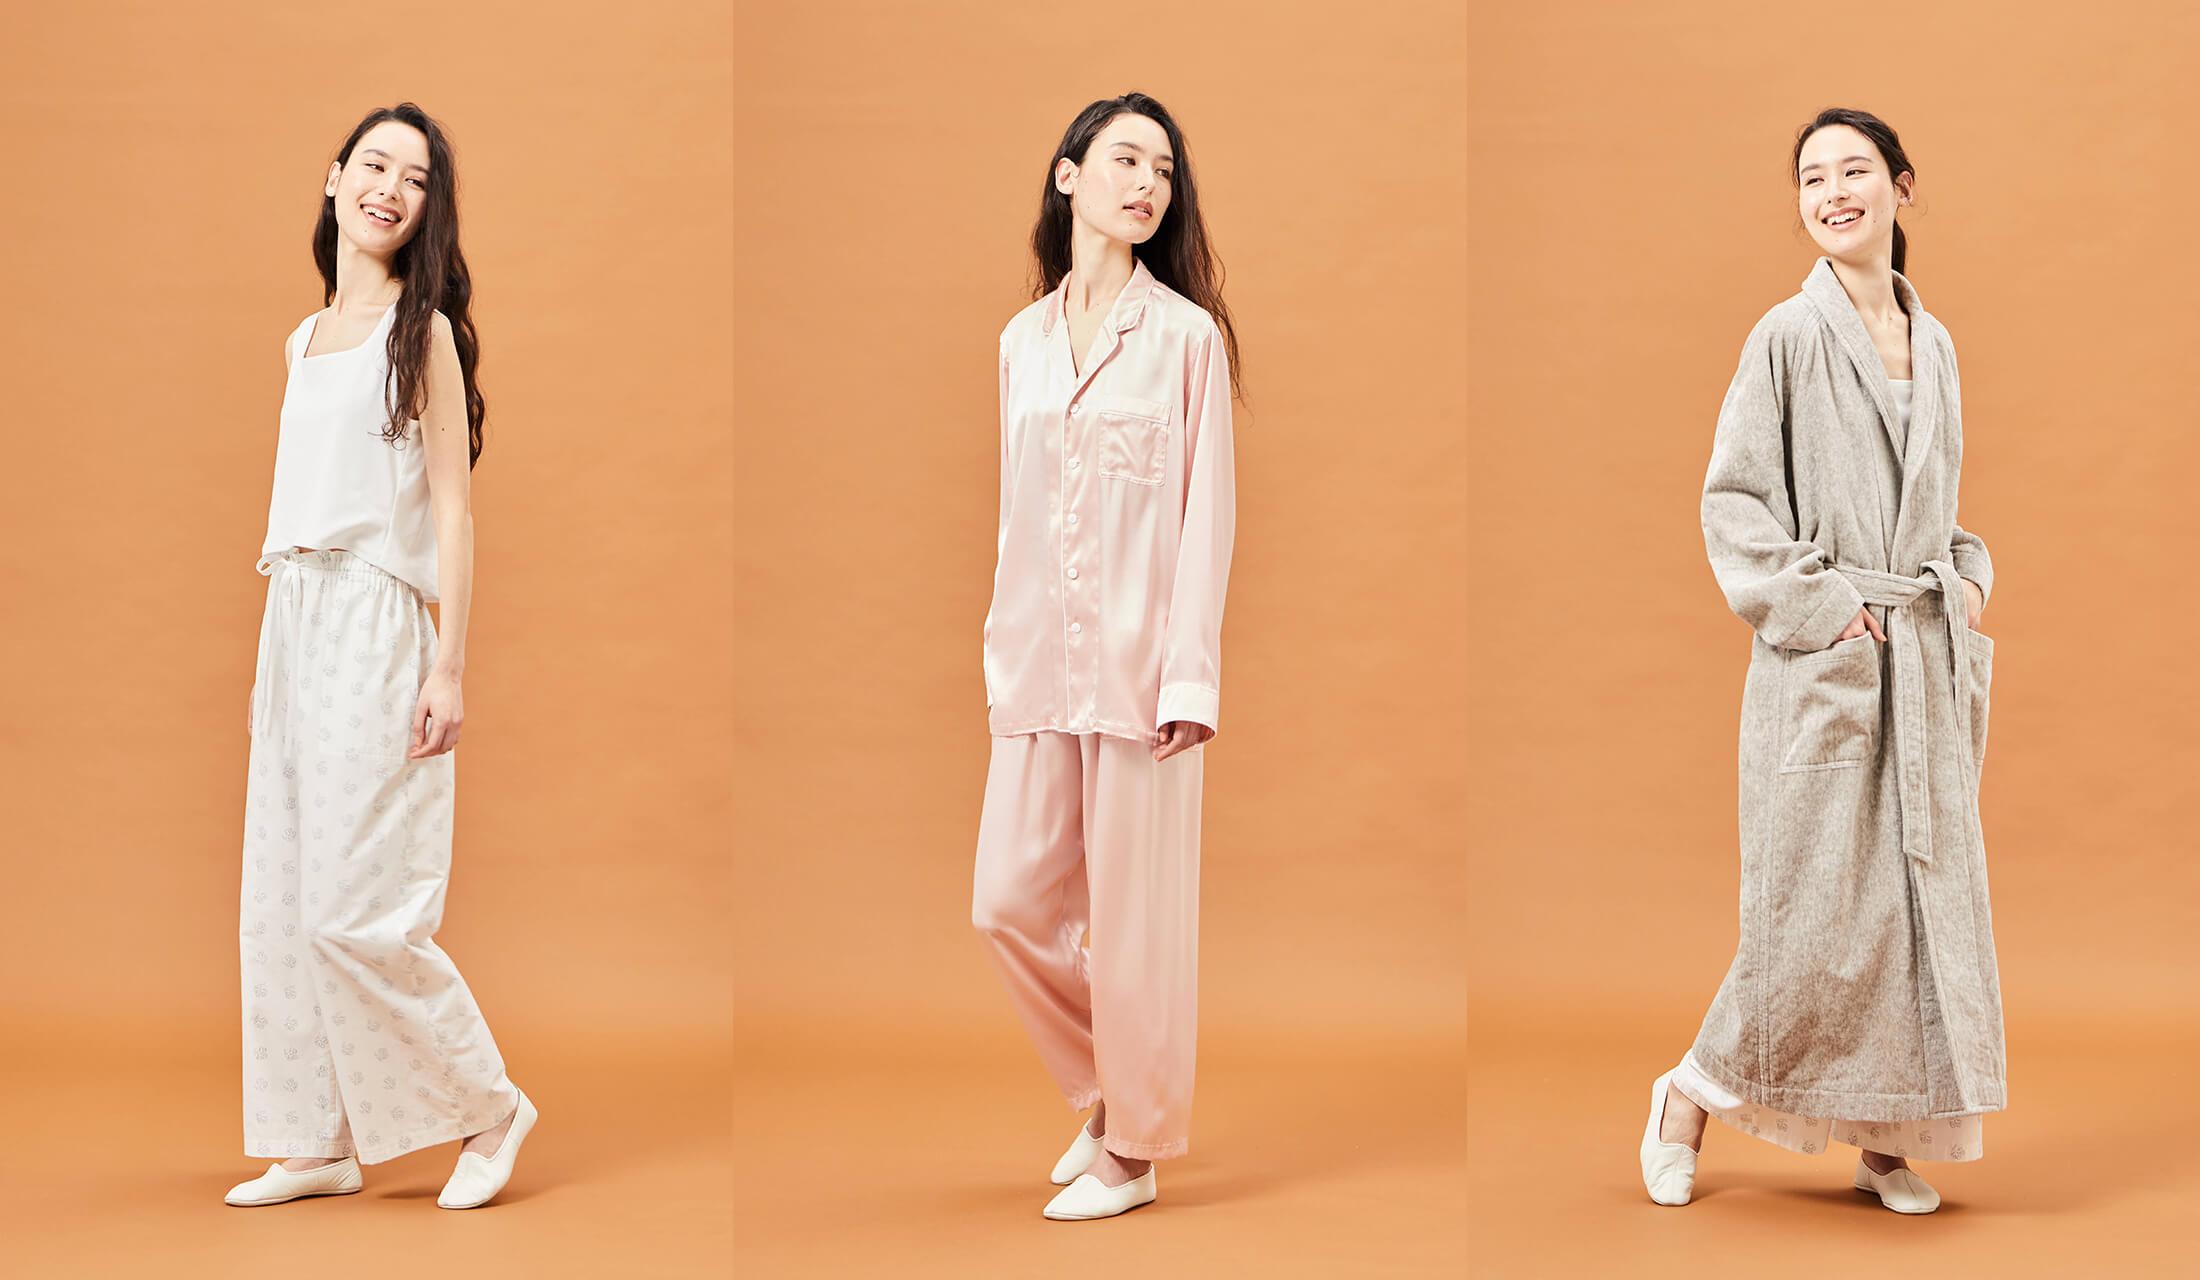 高級パジャマを着た女性たち